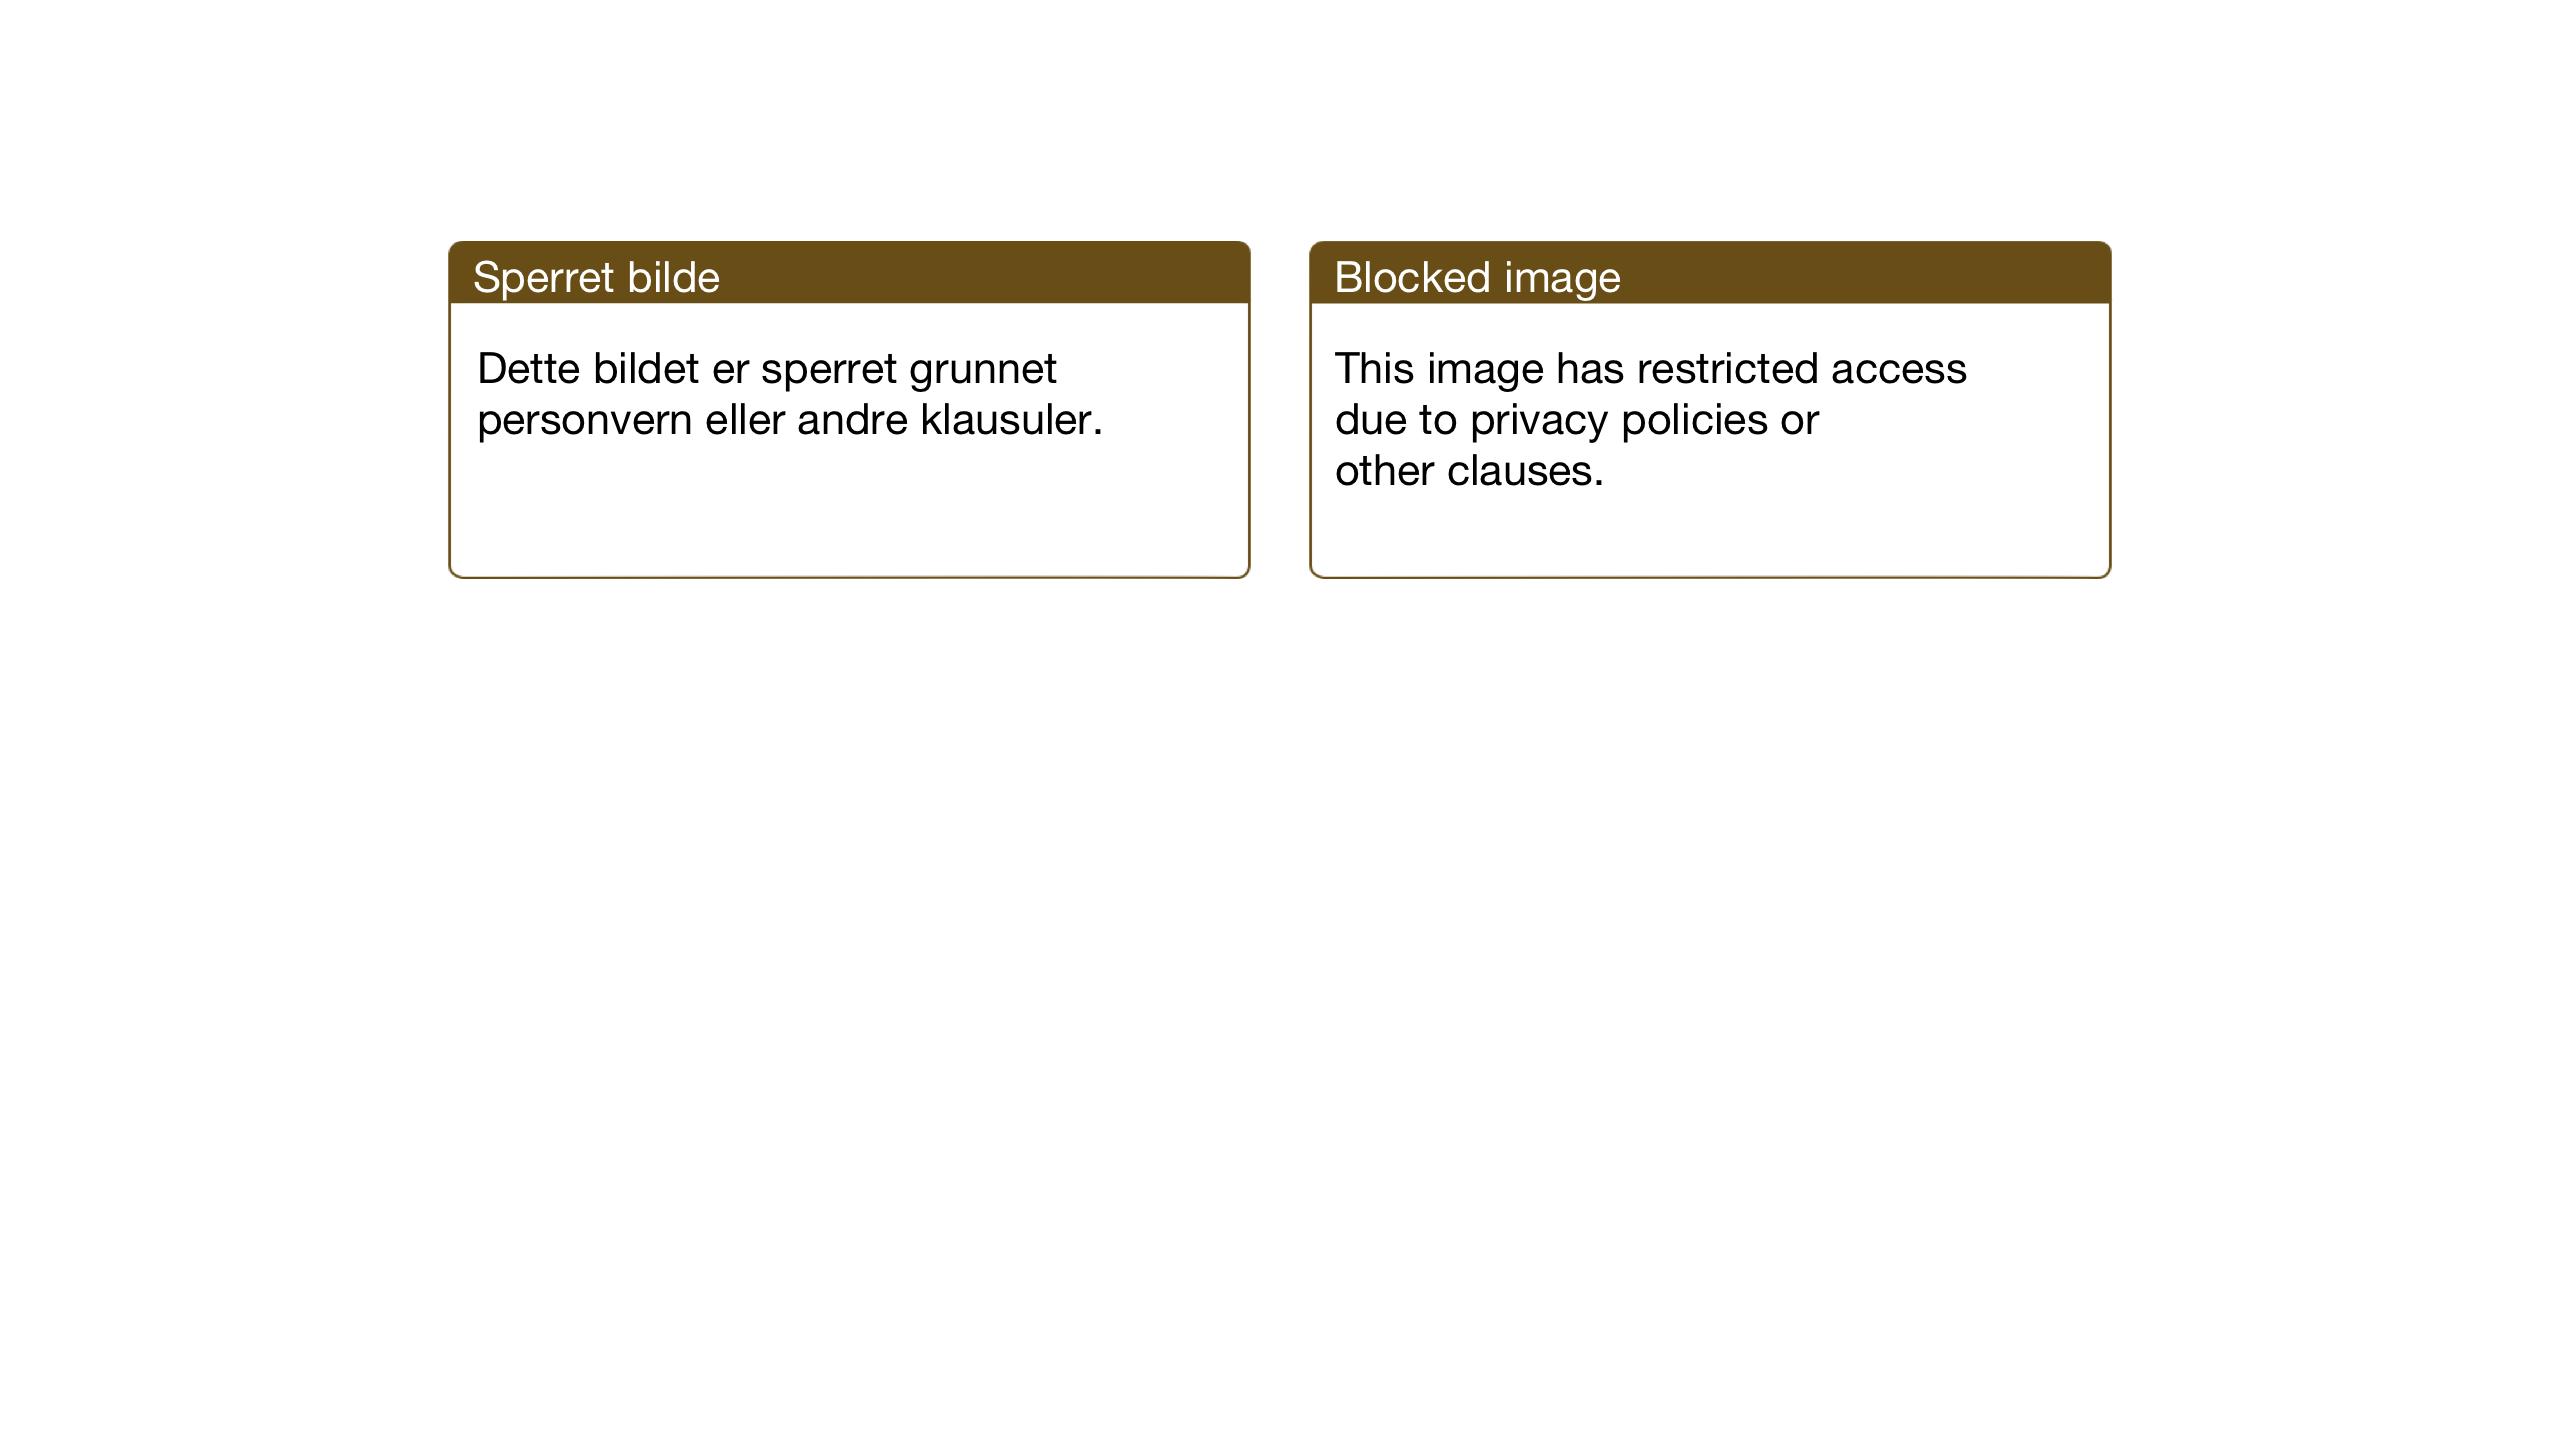 SAT, Ministerialprotokoller, klokkerbøker og fødselsregistre - Nord-Trøndelag, 780/L0654: Klokkerbok nr. 780C06, 1928-1942, s. 15